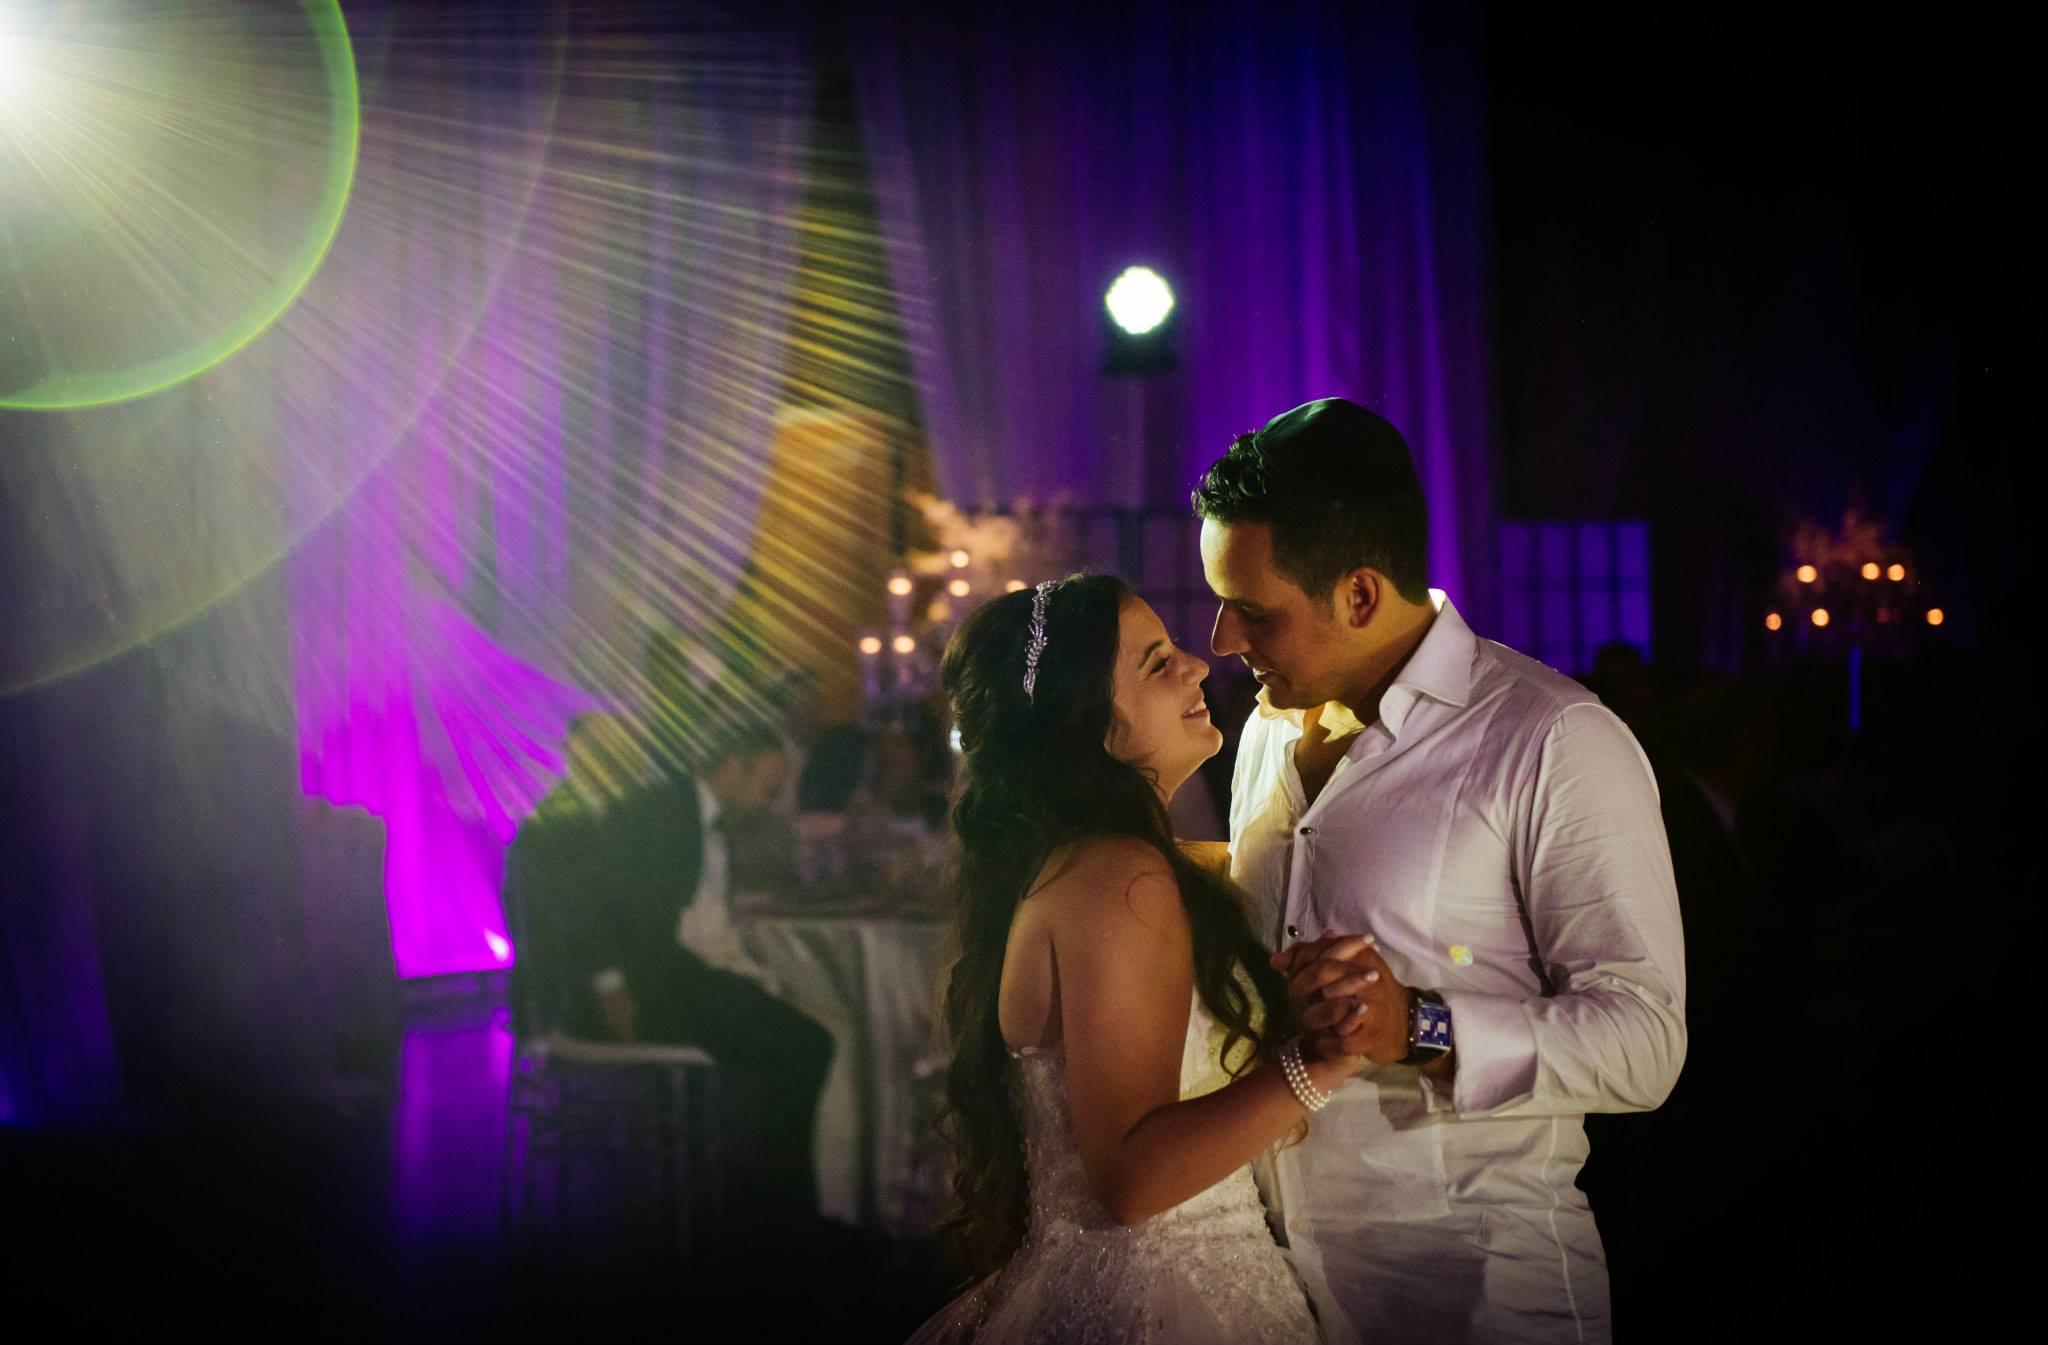 Weddings_Vesia8 (1).jpg